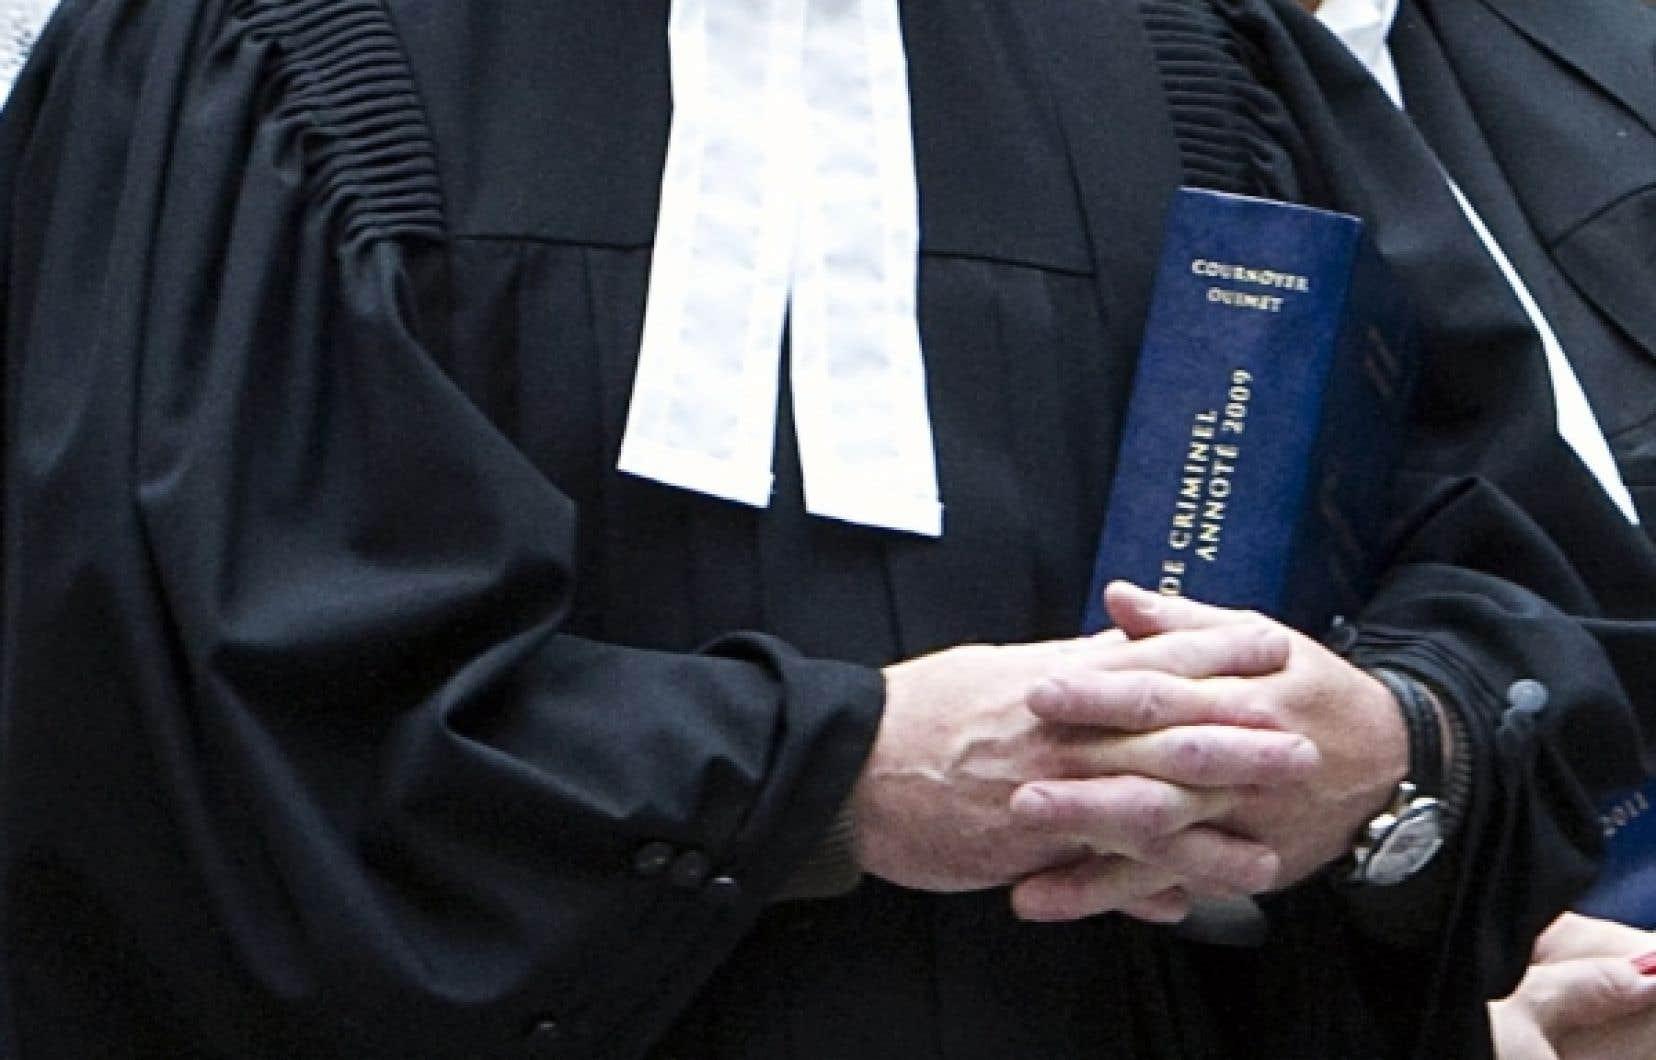 Les juristes disent vouloir exprimer leur «désarroi» face à cette loi spéciale qu'ils estiment être «une atteinte disproportionnée aux libertés d'expression, d'association et de manifestation pacifique».